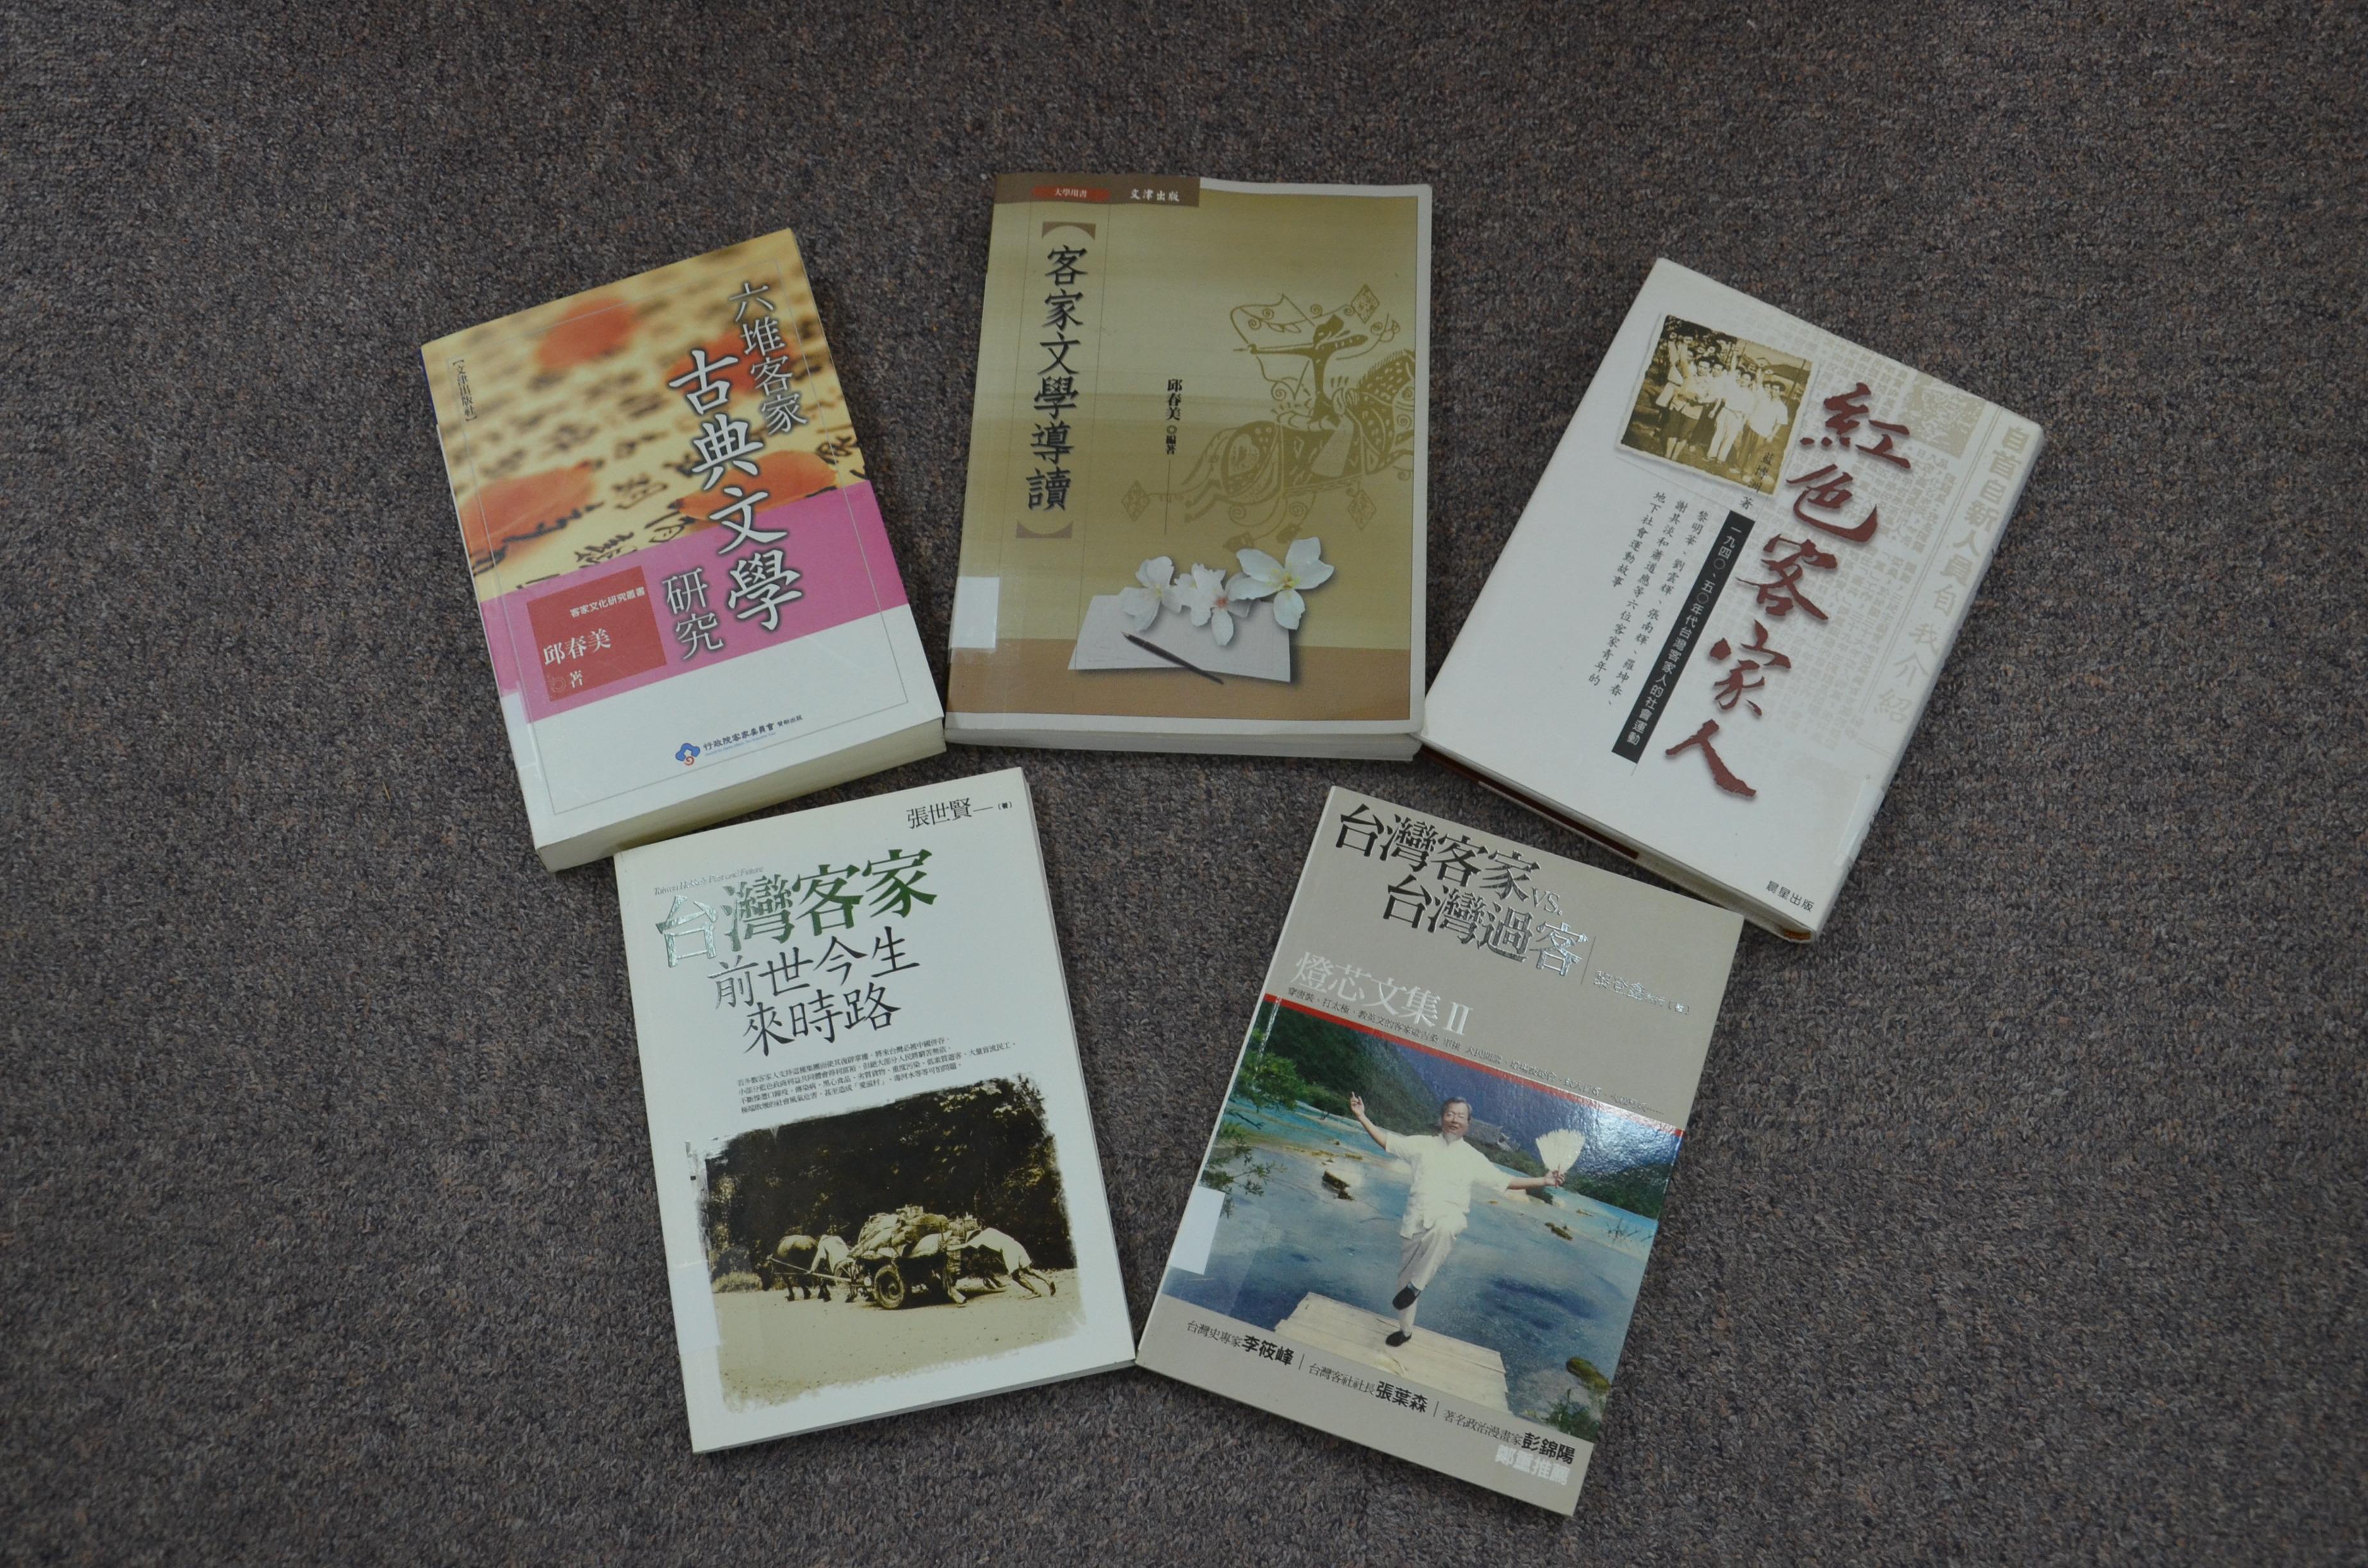 《六堆客家古典文學研究》等5冊新上架圖書